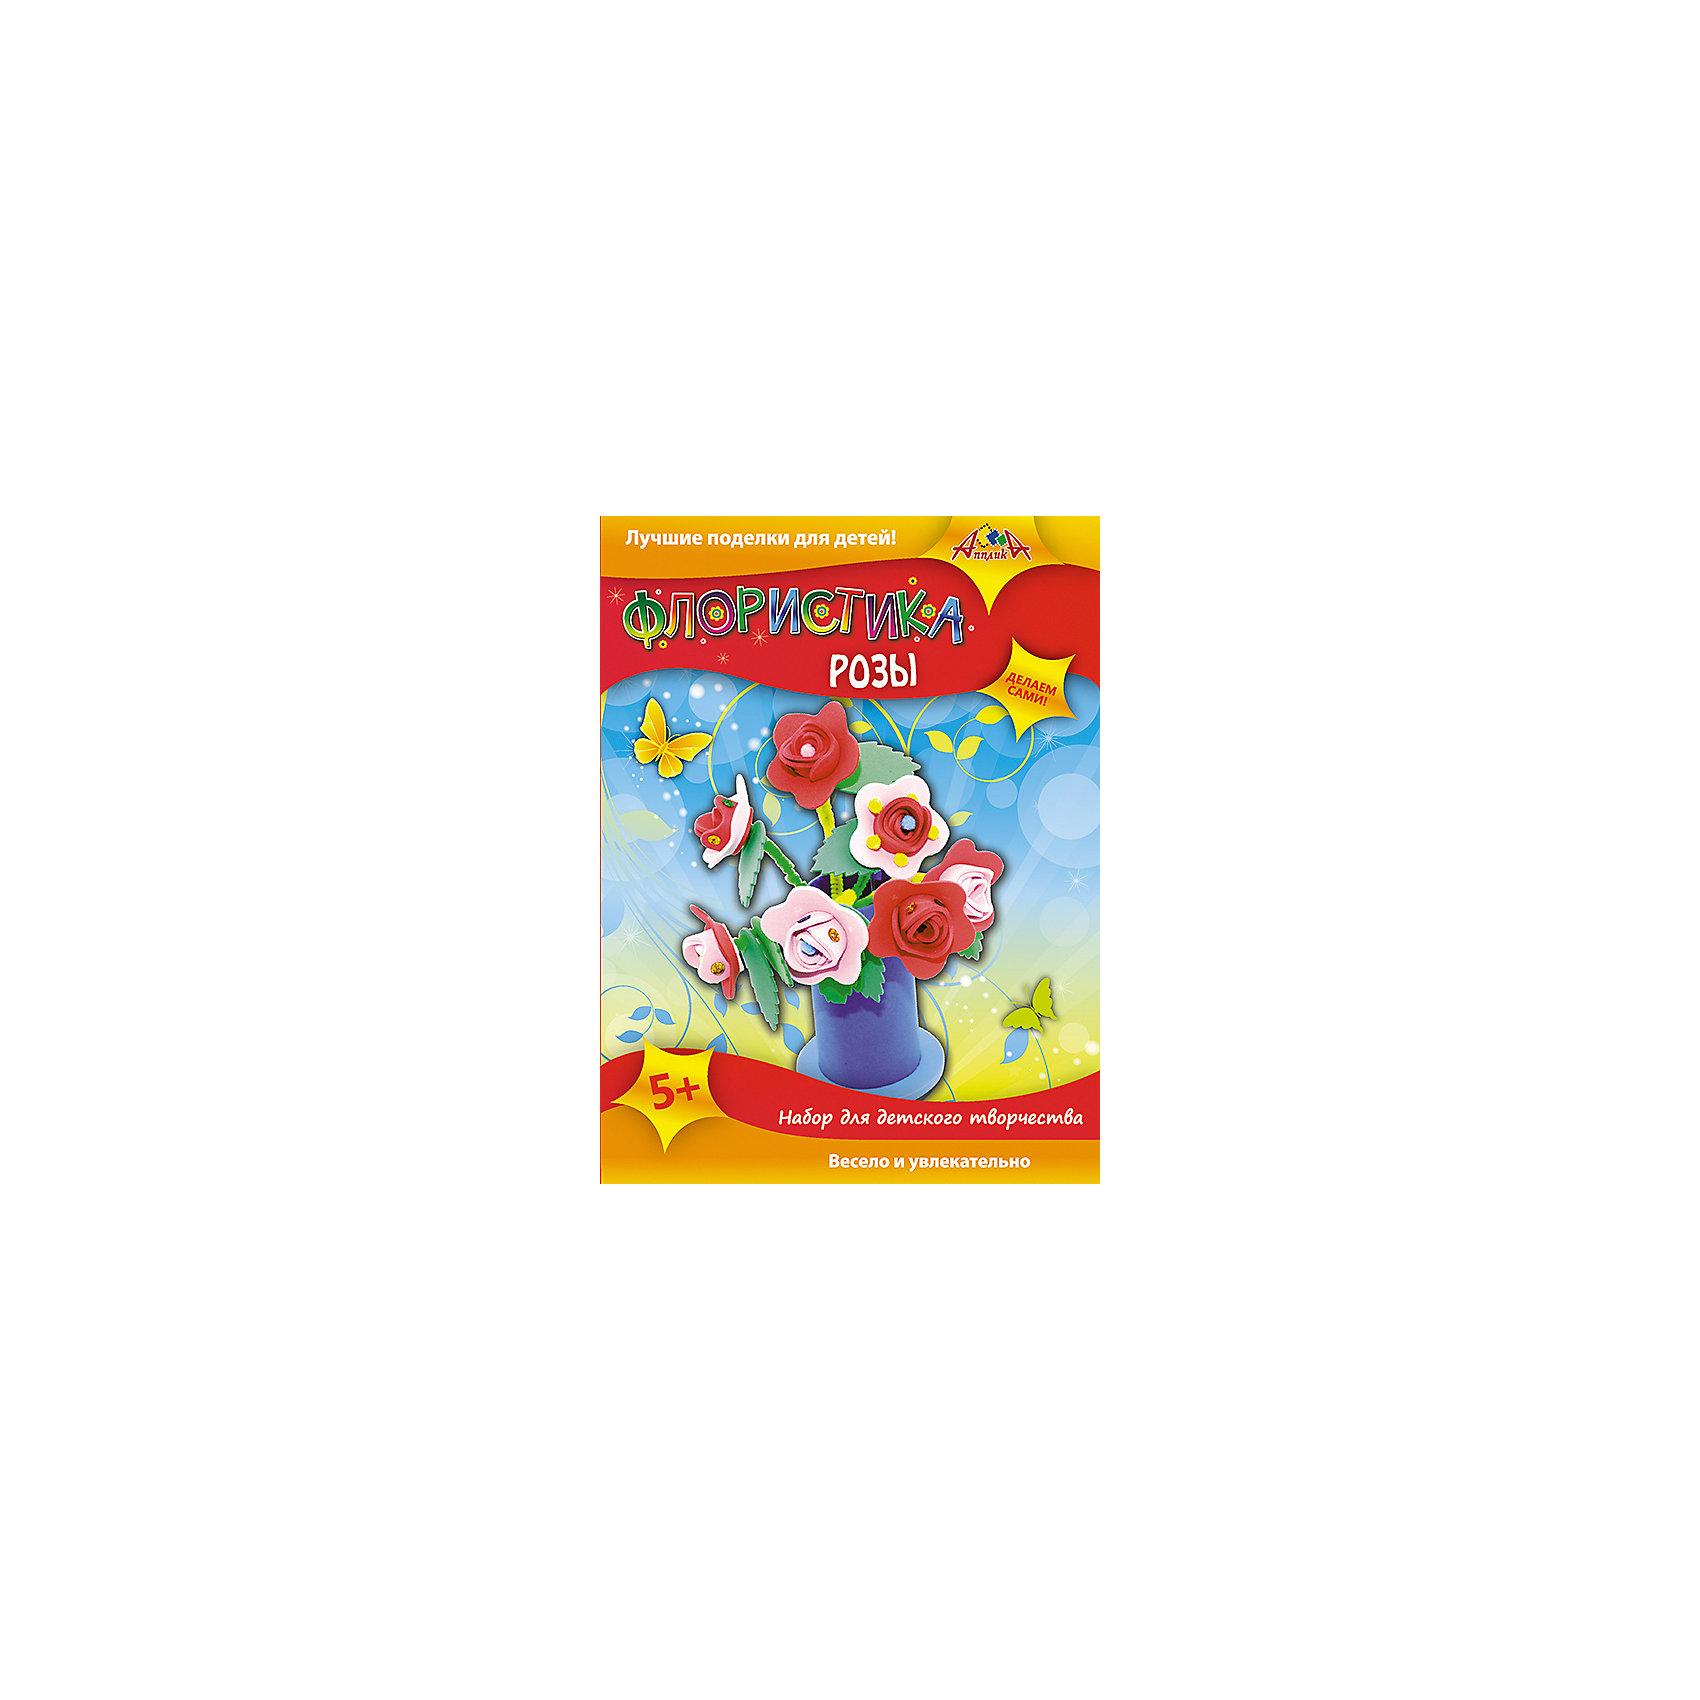 Набор для детского творчества. Цветочный подарок РозыБумага<br>Характеристики:<br><br>• возраст: от 5 лет<br>• комплектация: «Флористика. Розы»; «Плетение из бумаги»; «Корзинка-сумочка».<br>• в наборе «Флористика. Розы»: мягкий пластик; пушистая проволока; помпоны; пайетки; клей.<br>• в наборе «Плетение из бумаги»: три цветные картонные фигурки; разноцветные полоски из цветной мелованный бумаги; глазки; стразы; двусторонний скотч.<br>• в наборе «Корзинка-сумочка»: полоски и элементы-замочки из мягкого пластика EVA; цветной шнур; пластиковая иголка со скругленным концом<br>• размер упаковки: 24х18х5,7 см.<br>• вес: 190 гр.<br><br>Набор для творчества позволит создать сумочку-корзинку из мягкого пластика EVA, букет роз, помещенный в вазу из мягкого пластика и три картонные фигурки - рыбку, слона и попугая.<br><br>Процесс создания поделок прост, а результат великолепен.<br><br>Для создания букета в наборе есть все необходимое мягкий пластик, пушистая проволока, помпоны, пайетки, клей.<br><br>Яркая сумочка-корзинка изготавливается путем переплетения полосок и их фиксации с помощью элементов-замочков из мягкого пластика EVA, цветного шнура и пластиковой иголки со скругленным концом.<br><br>Чтобы создать зверушек, нужно сквозь специальные отверстия в картонных фигурках продеть разноцветные бумажные полоски, а затем украсить готовые фигурки стразами и прикрепить глазки.<br><br>Готовые работы станут замечательным подарком.<br><br>Набор для детского творчества способствует формированию у ребенка усидчивости, внимательности и аккуратности, развивает мелкую моторику рук.<br><br>Набор для детского творчества. «Цветочный подарок Розы» можно купить в нашем интернет-магазине.<br><br>Ширина мм: 240<br>Глубина мм: 180<br>Высота мм: 57<br>Вес г: 190<br>Возраст от месяцев: 48<br>Возраст до месяцев: 2147483647<br>Пол: Унисекс<br>Возраст: Детский<br>SKU: 7033655